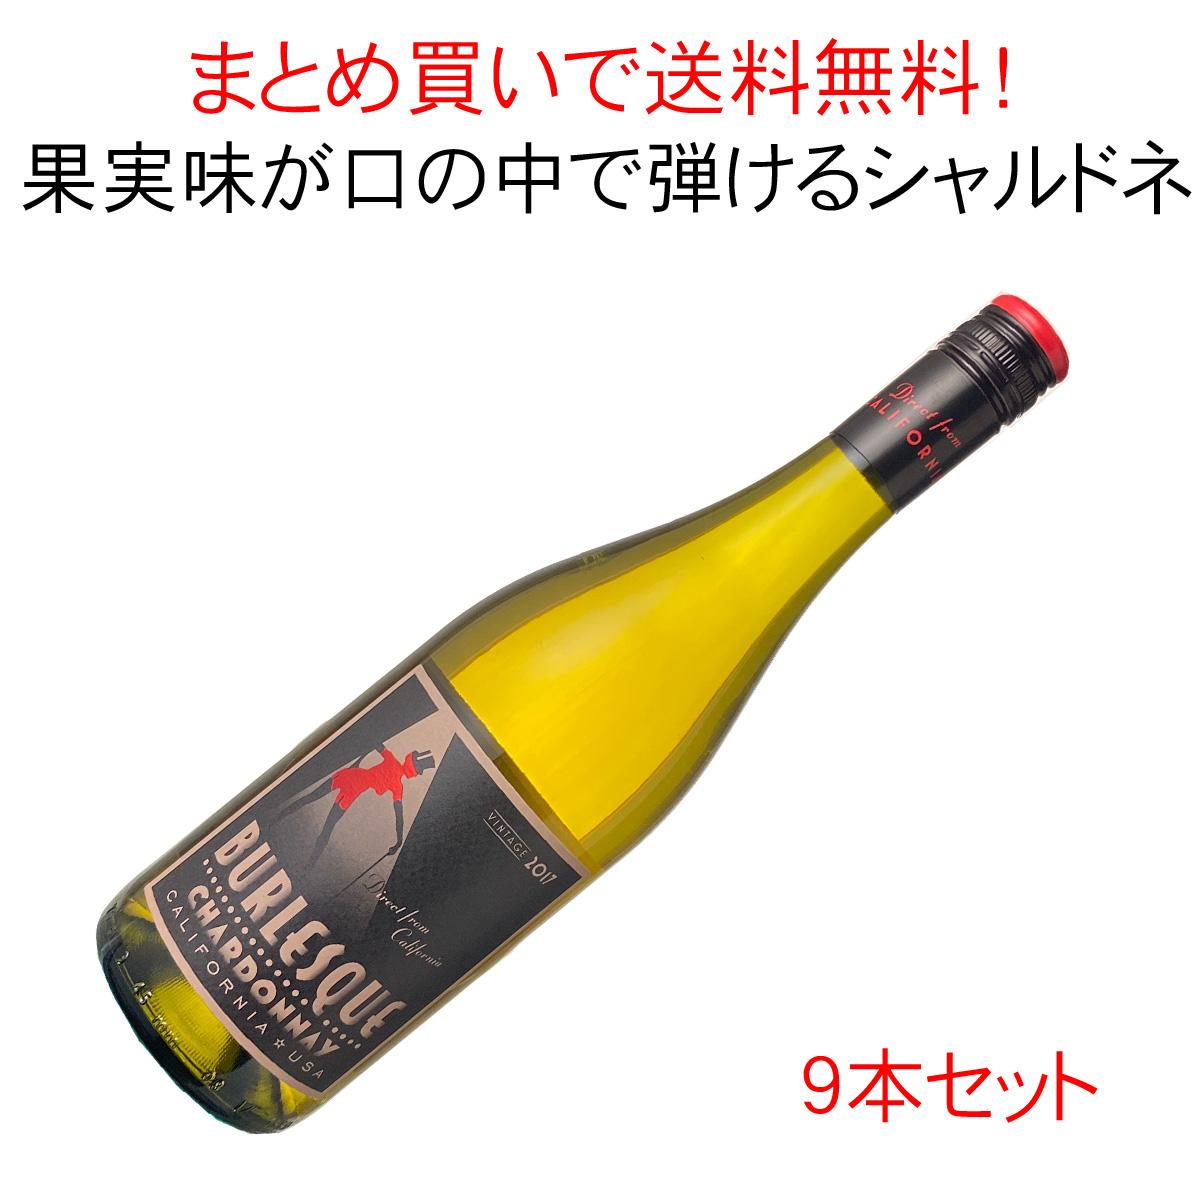 【送料無料】バーレスク シャルドネ [2017] ブティノ アメリカ 1ケース9本セット <白> <ワイン/アメリカ>